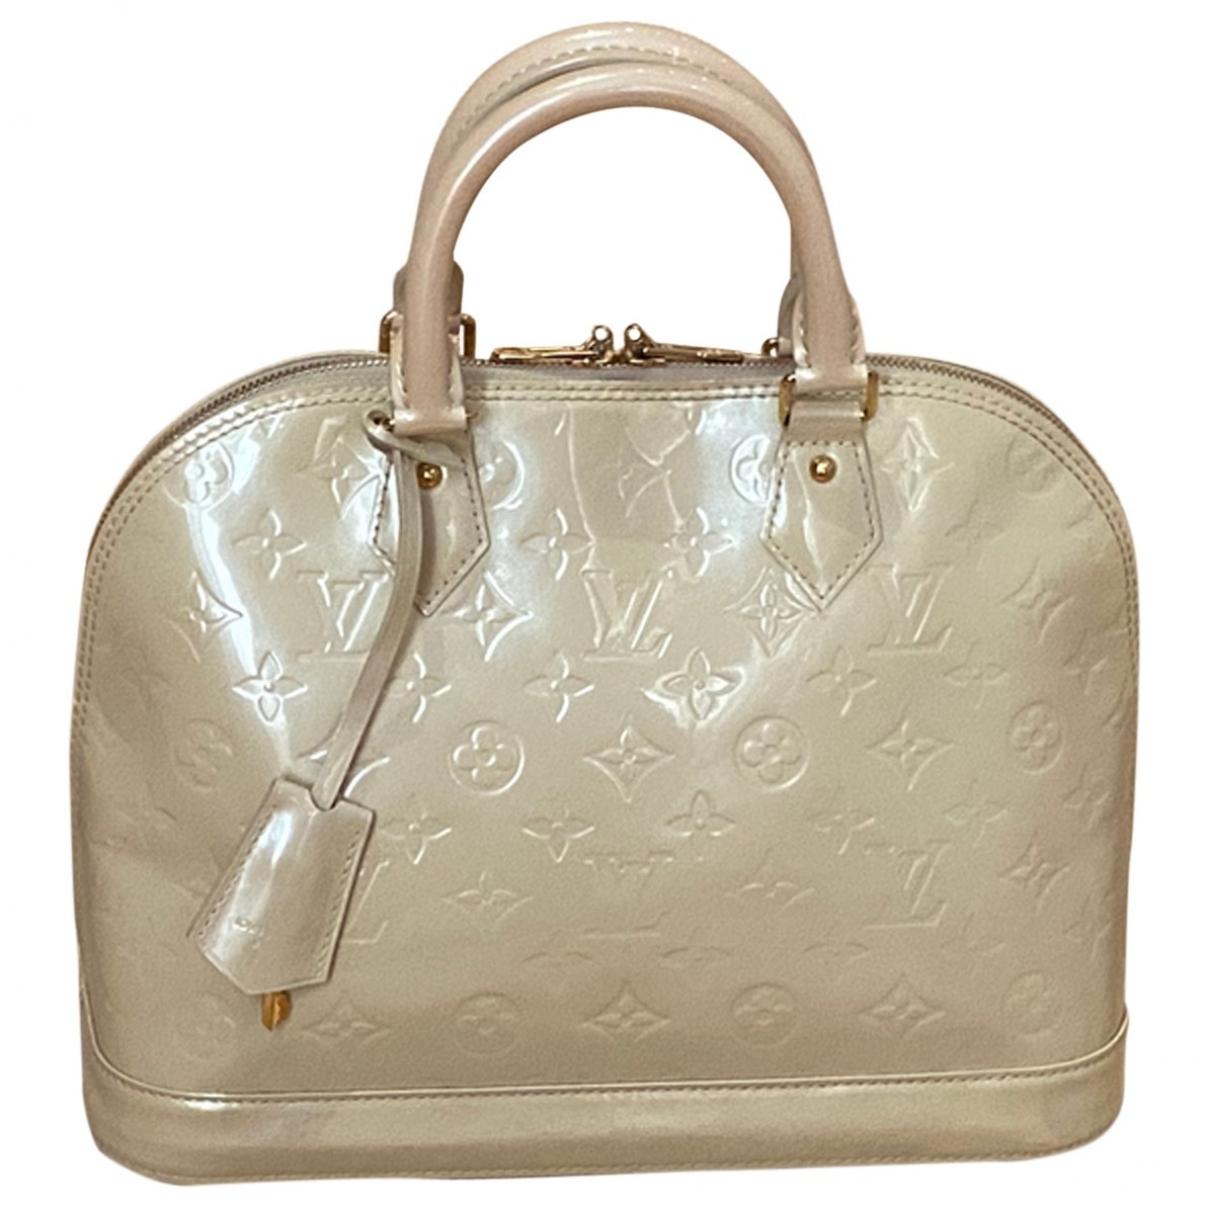 Louis Vuitton Alma Handtasche in  Beige Lackleder